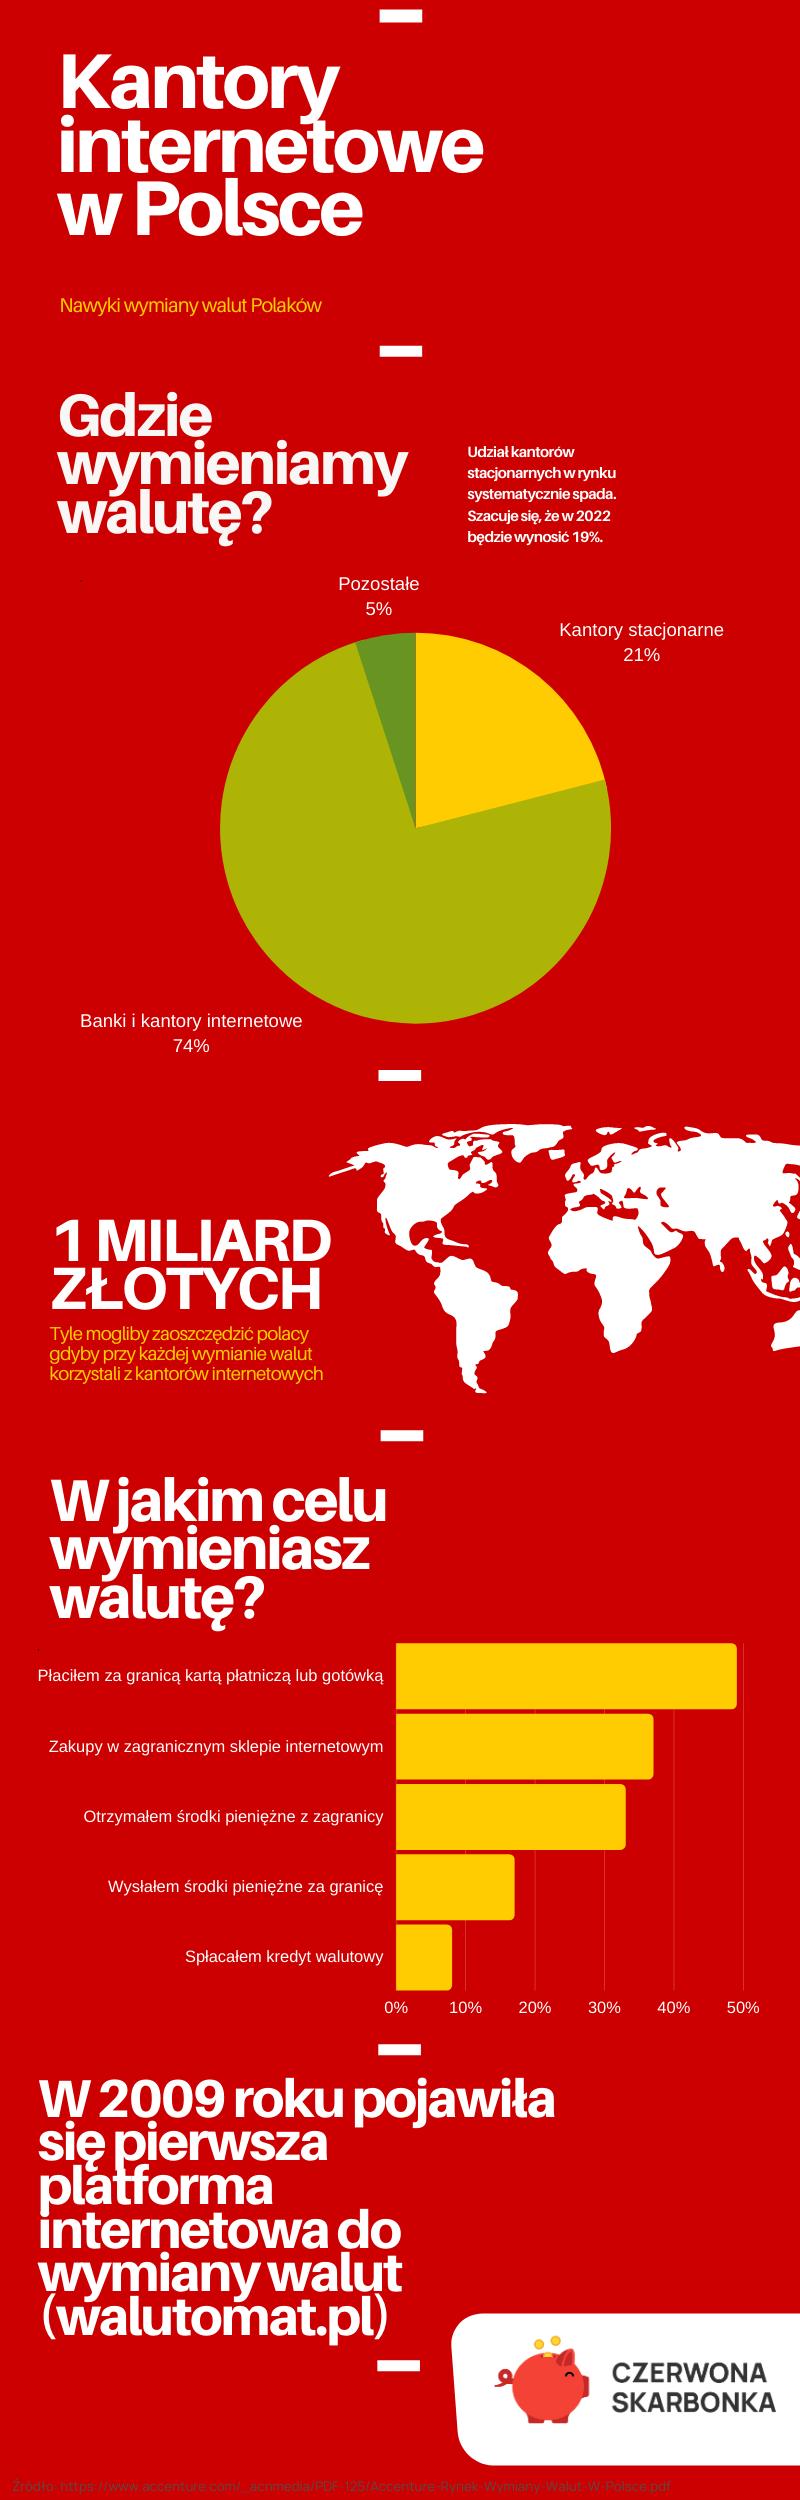 Kantory internetowe w Polsce